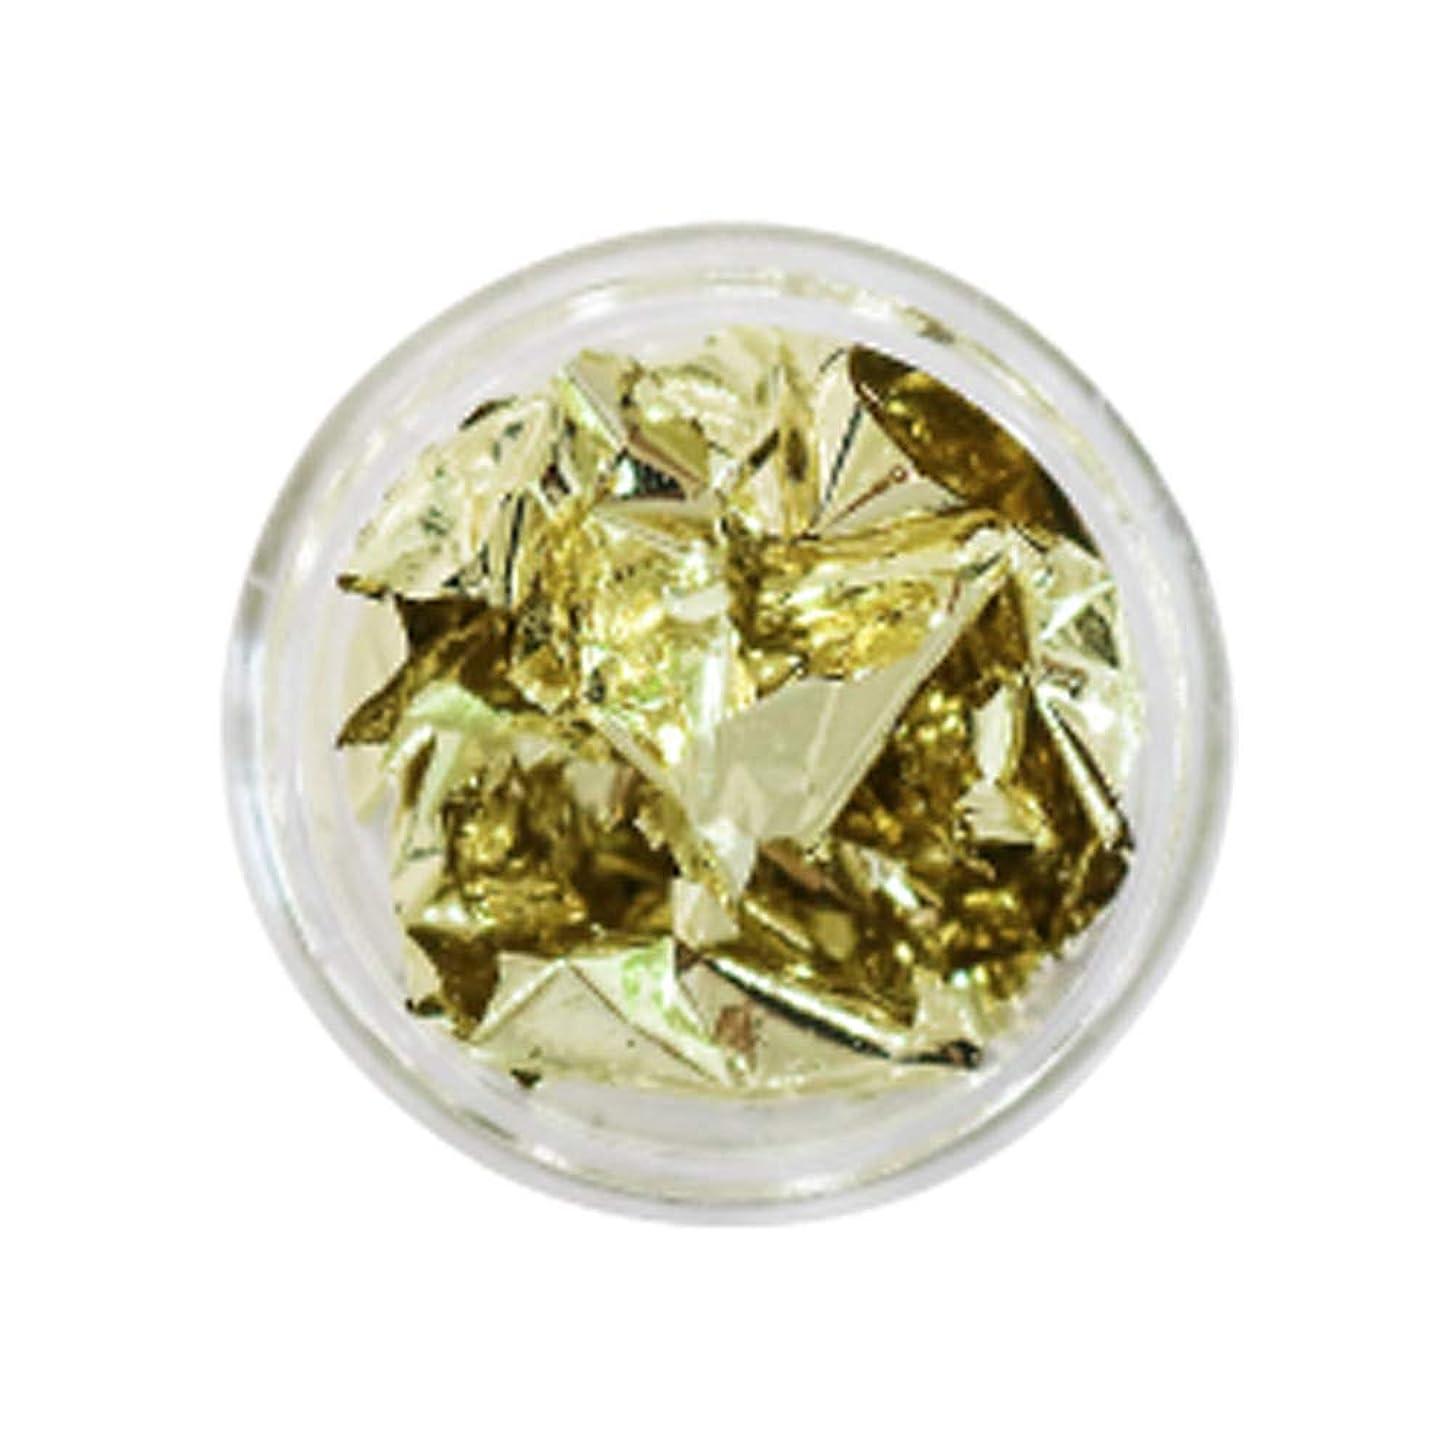 敬手入れ海岸Bonnail(ボンネイル) 箔セレクション ライトゴールド